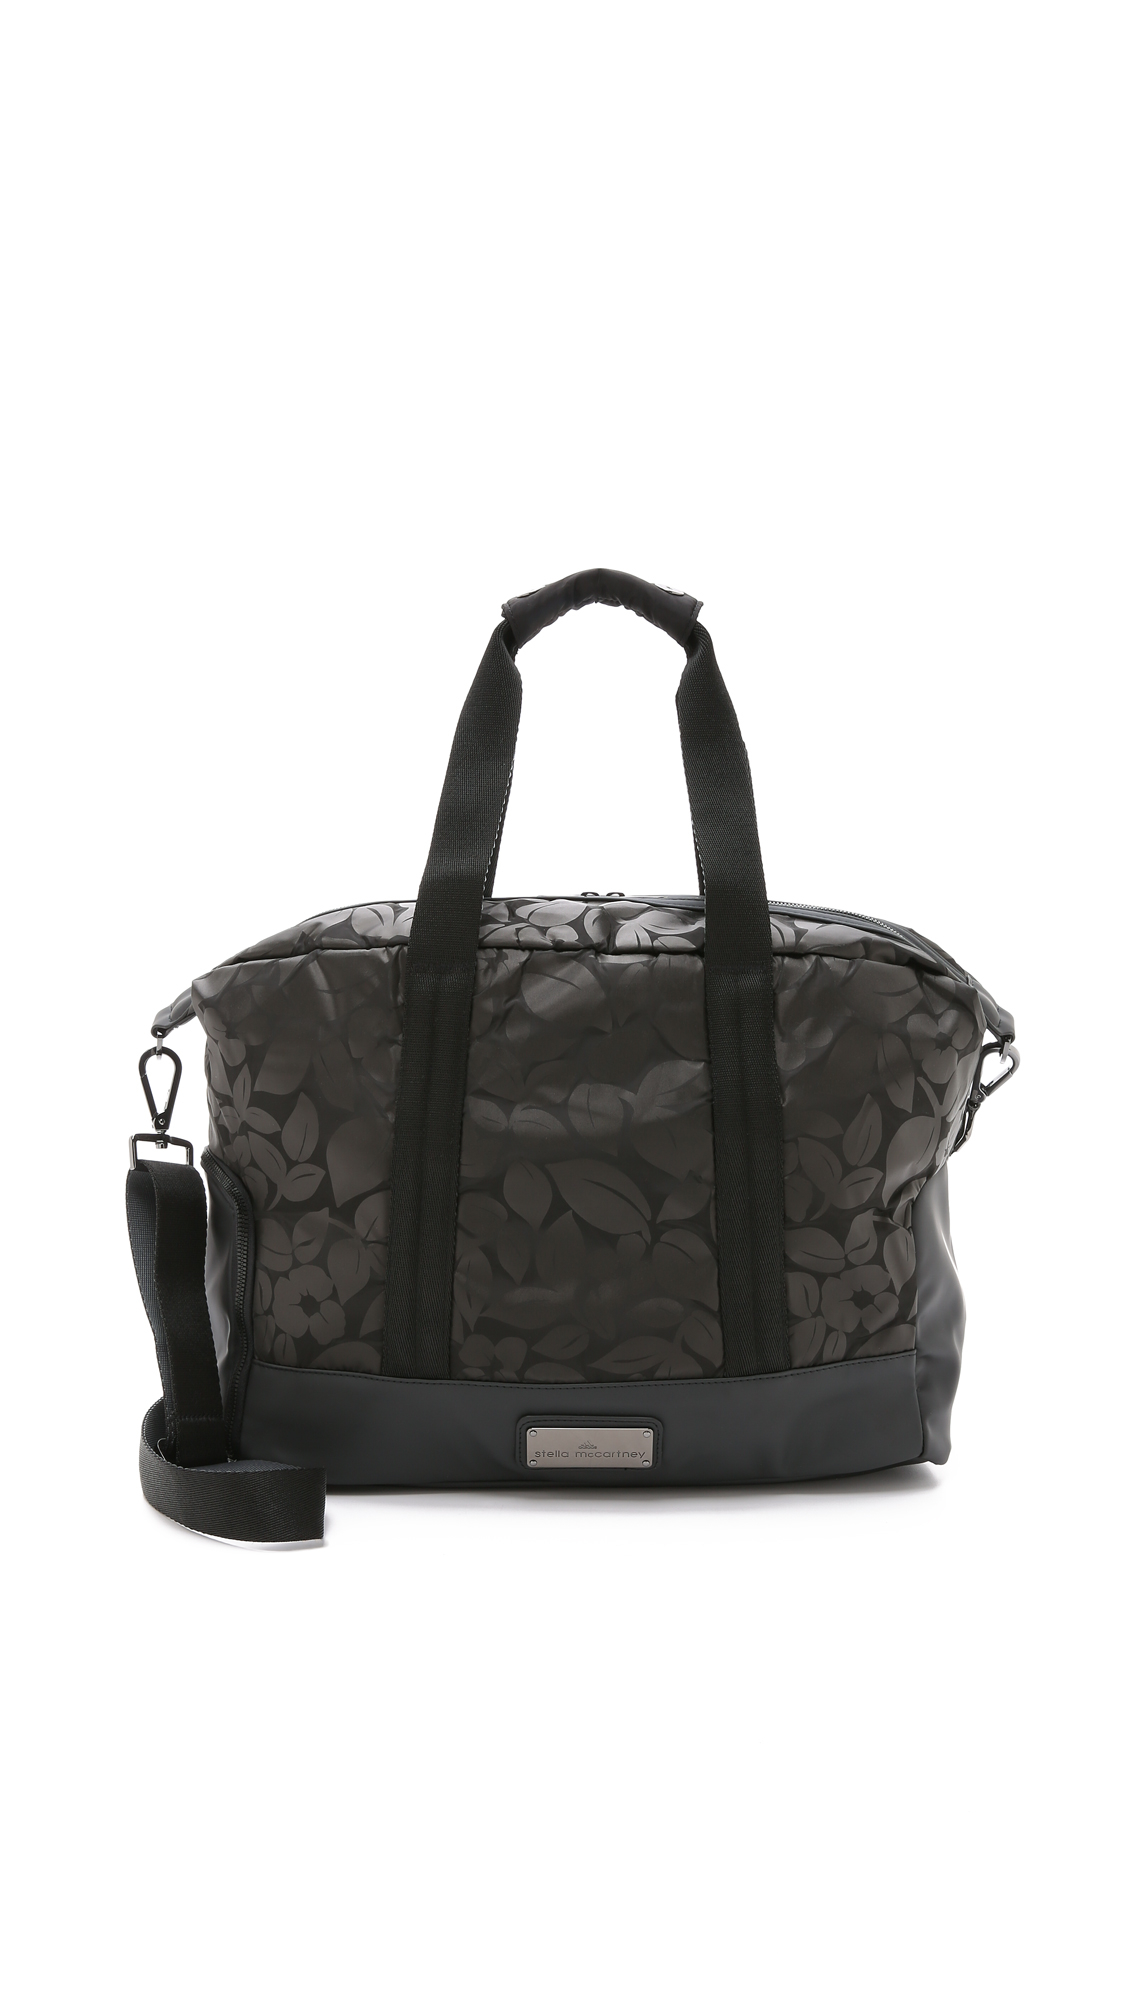 c766a6f3 adidas By Stella McCartney Small Gym Bag - Black/gunmetal in Black ...